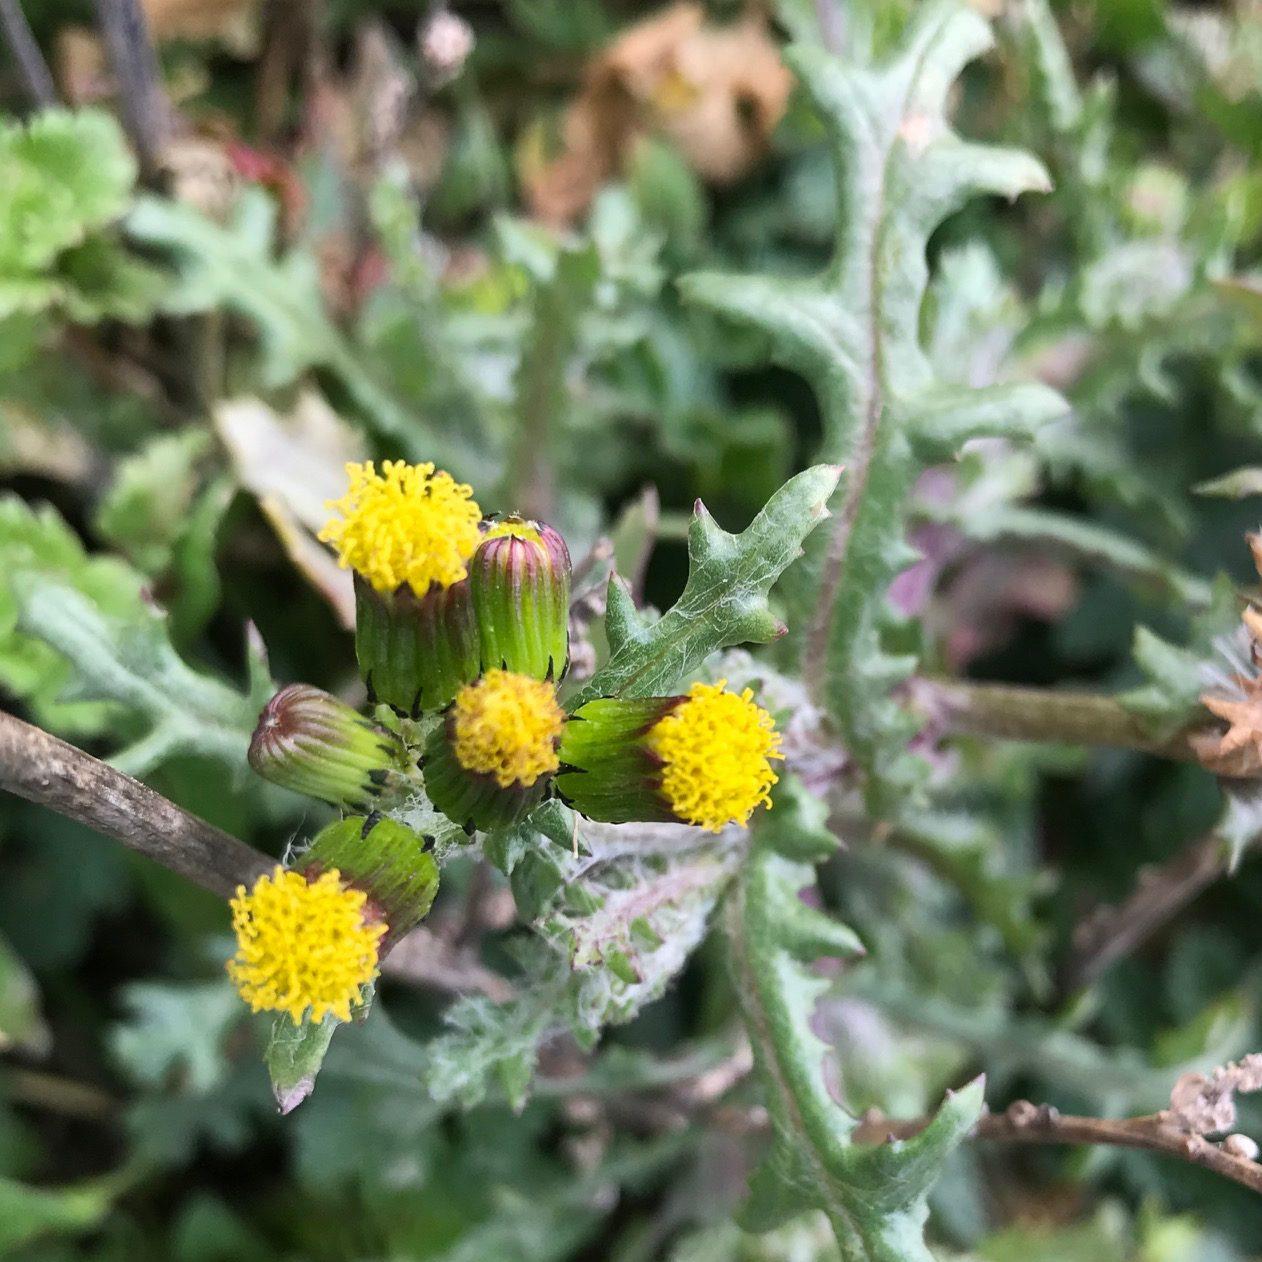 Gewöhnliche Greiskraut – Senecio vulgaris